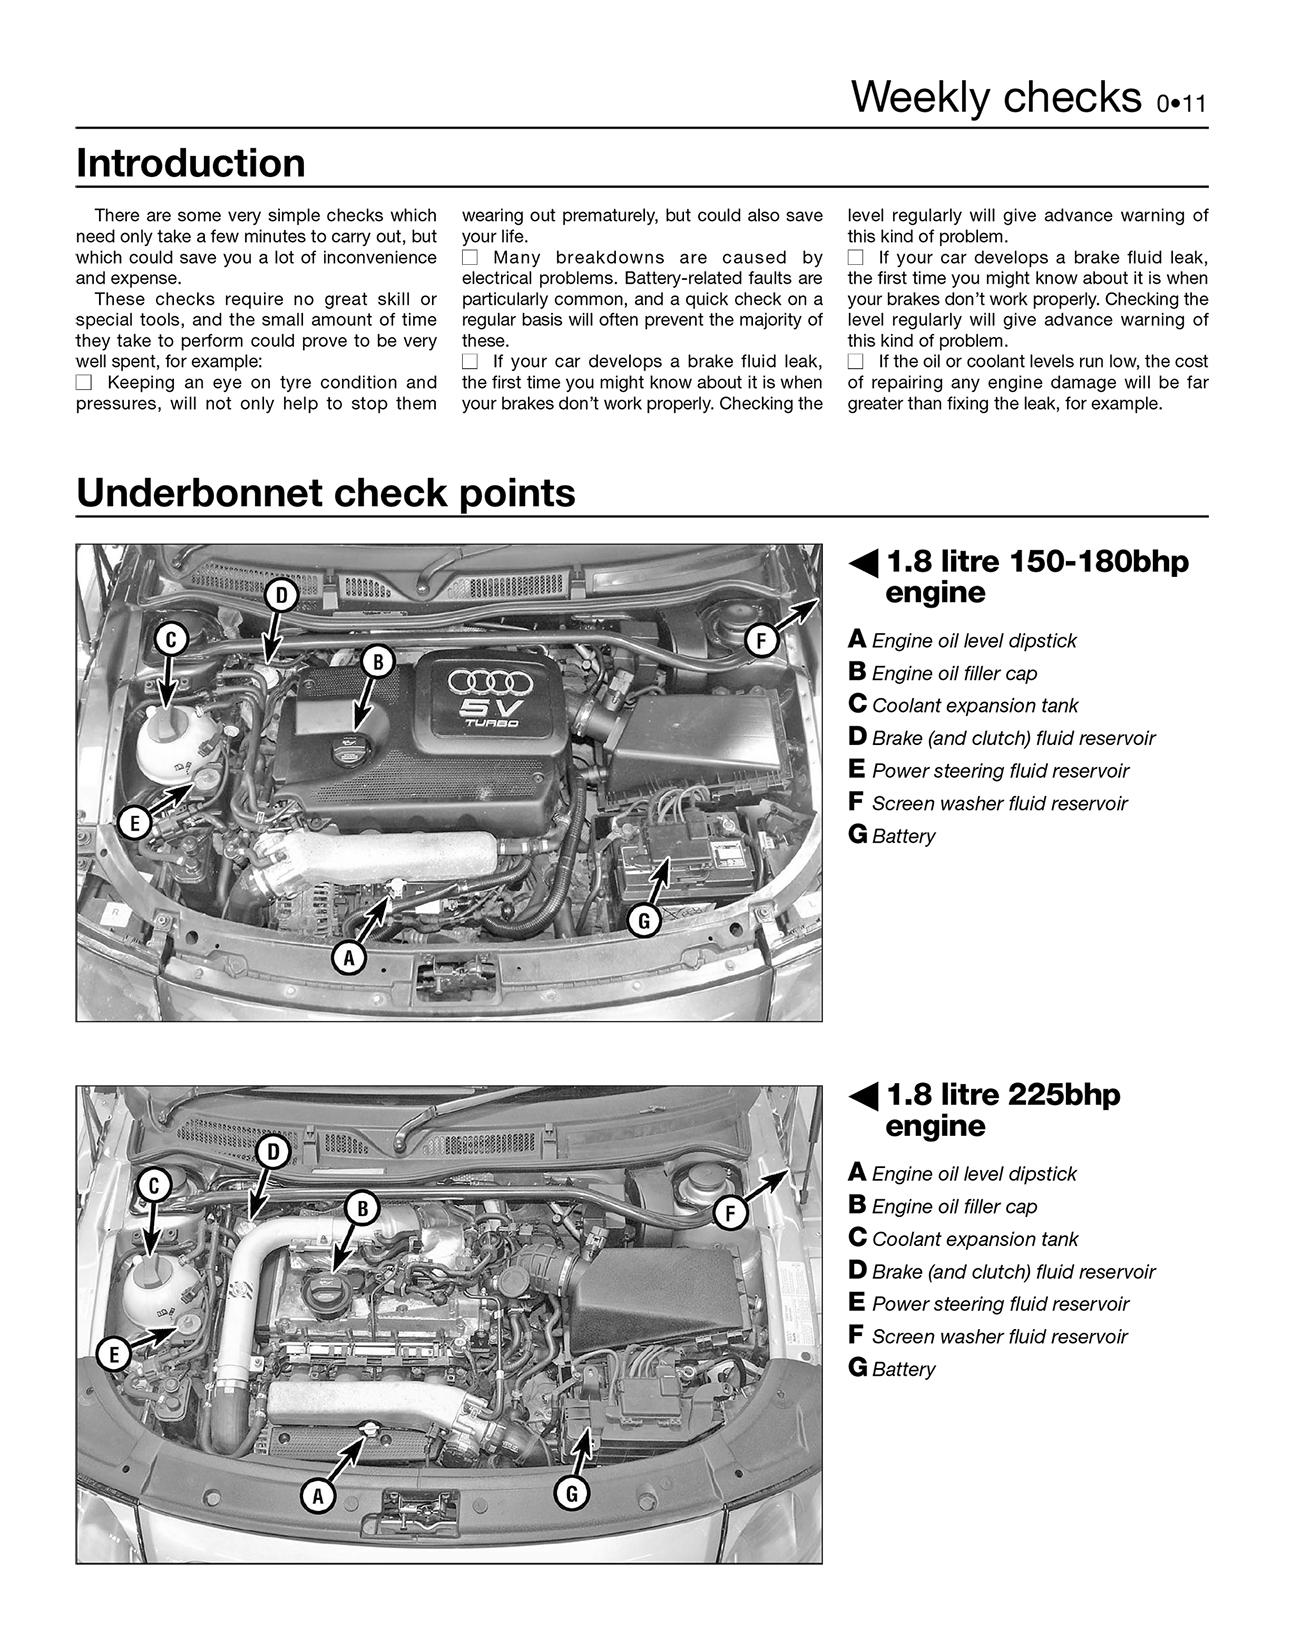 Audi Tt Wiring Diagram Pdf : Audi tt to t haynes repair manual